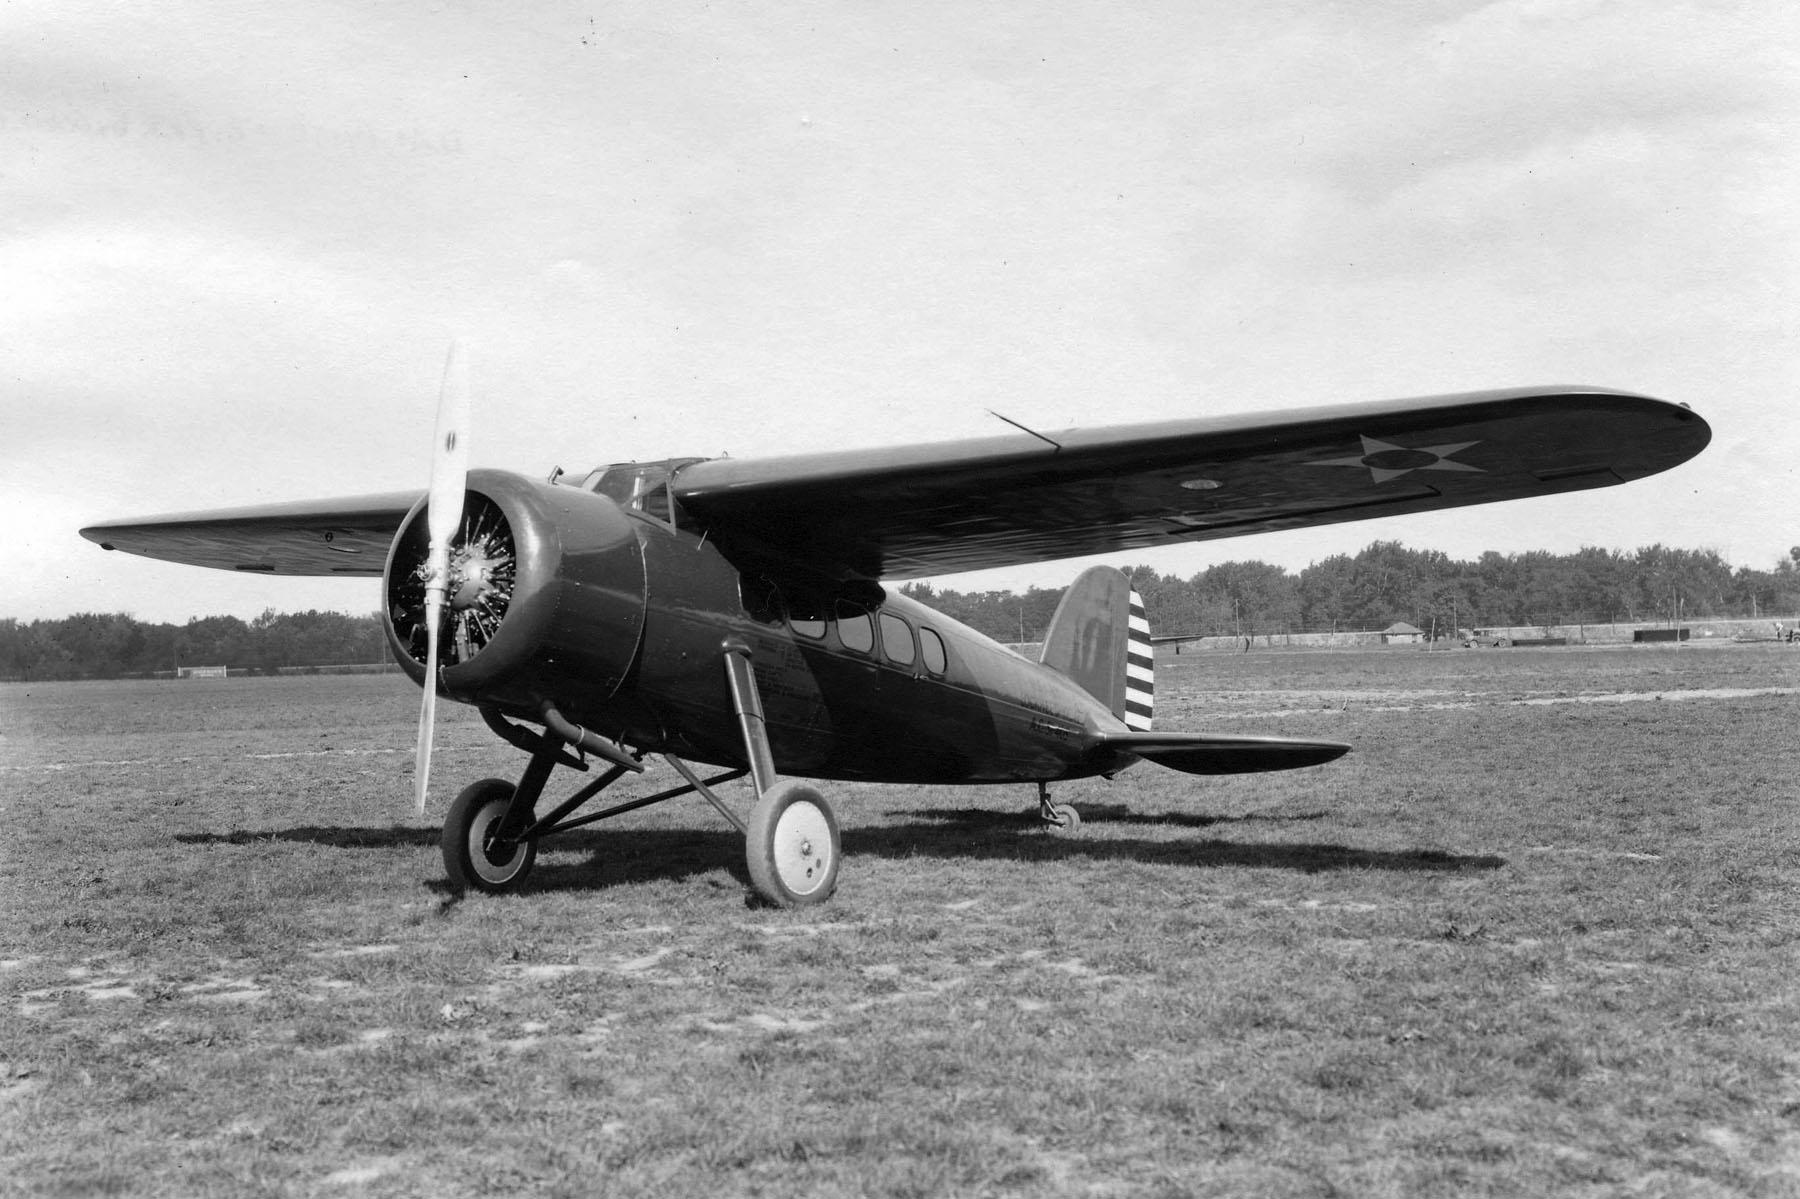 Lockheed Vega